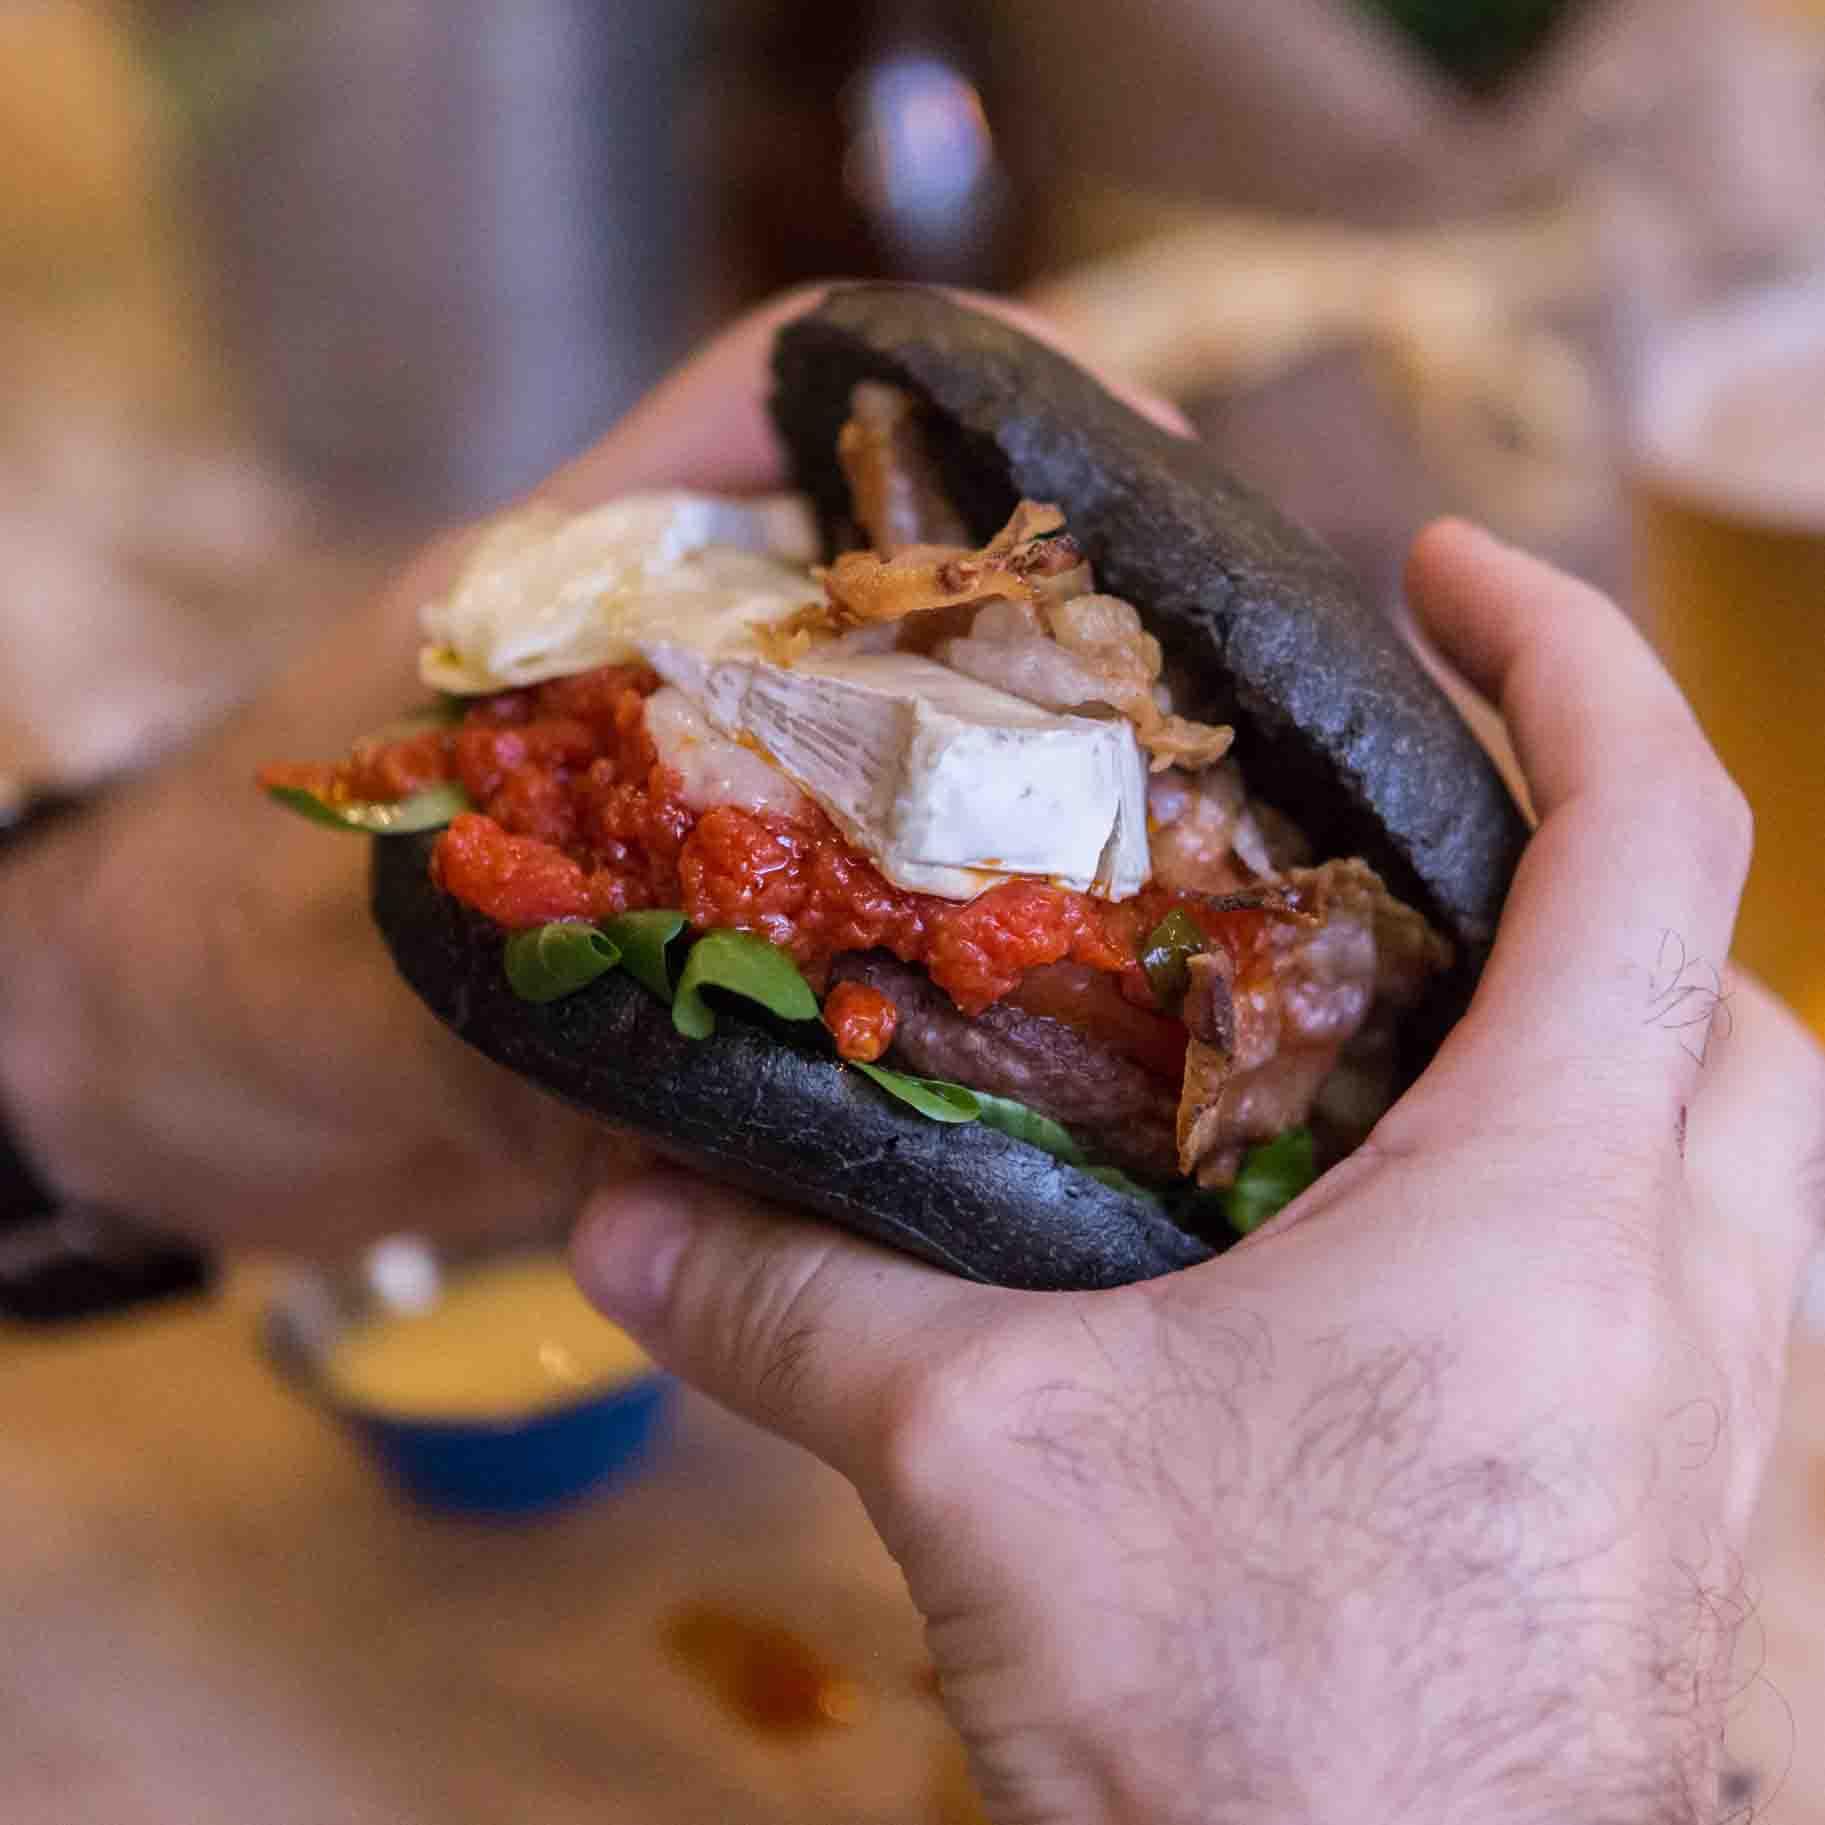 Emporio ladispoli Panini burger streetfood Pane nero